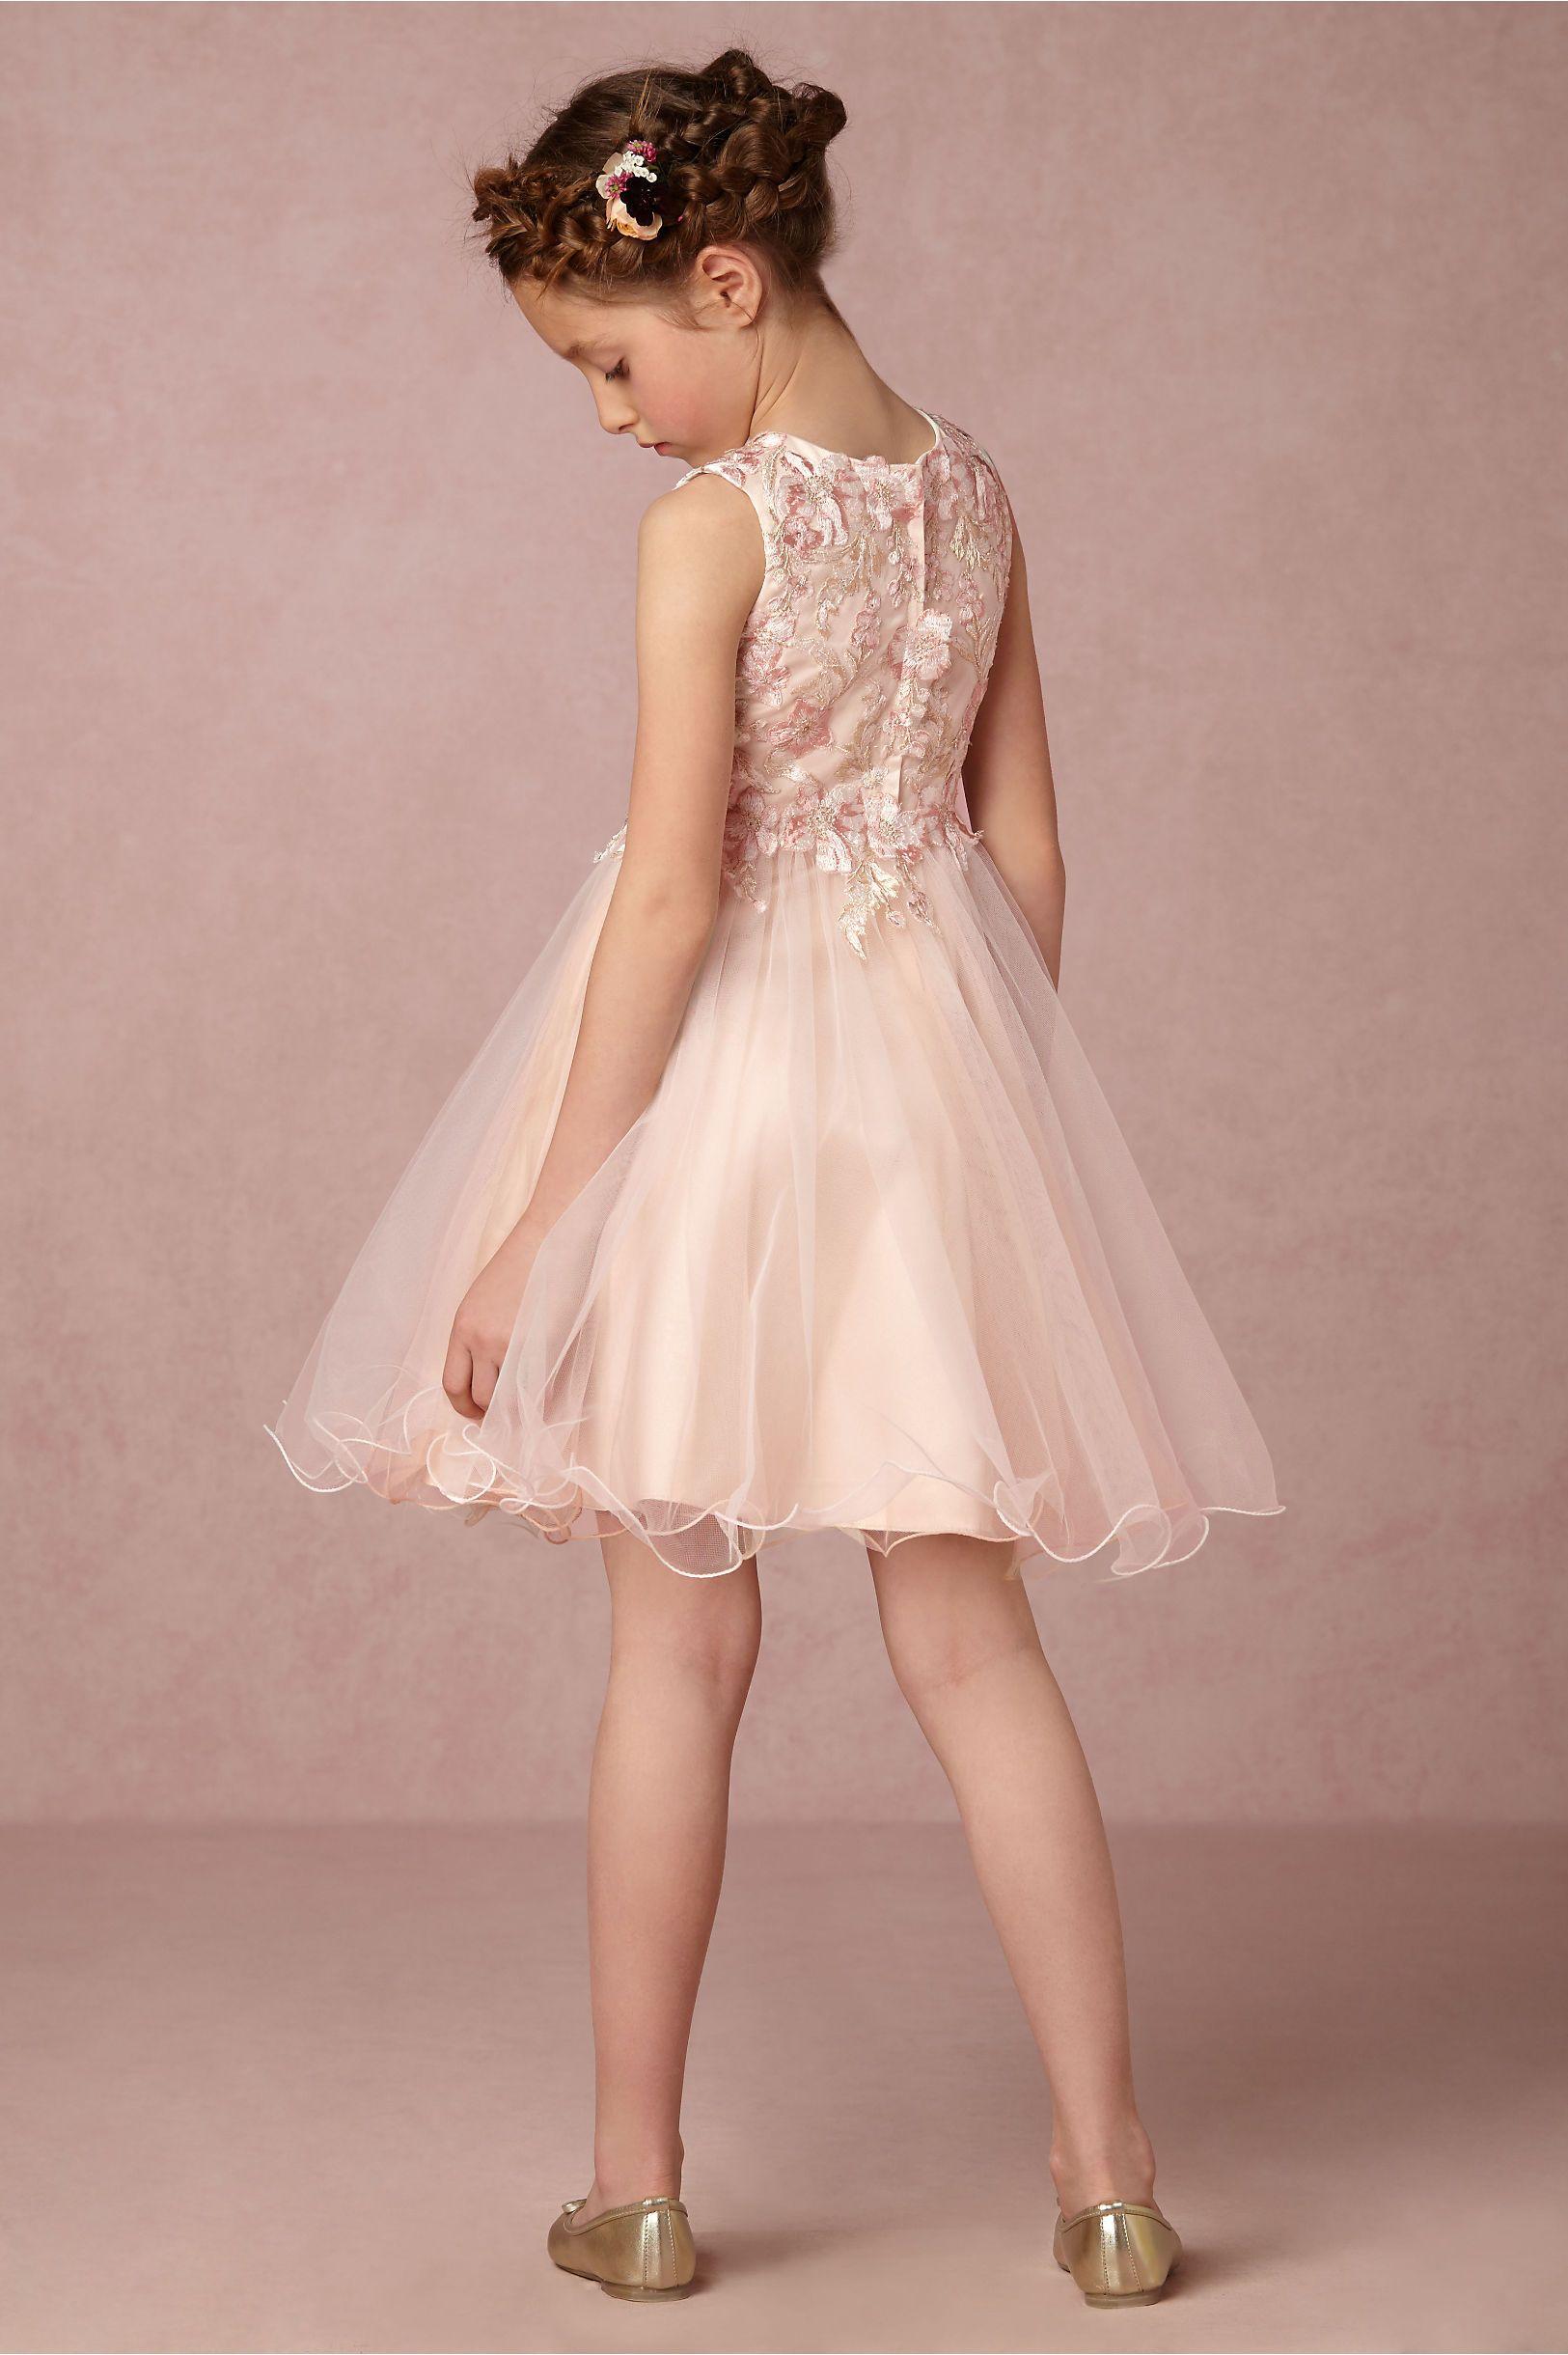 Hilda Flower Girl Dress from BHLDN | Flower Girls & Ring Bearers ...